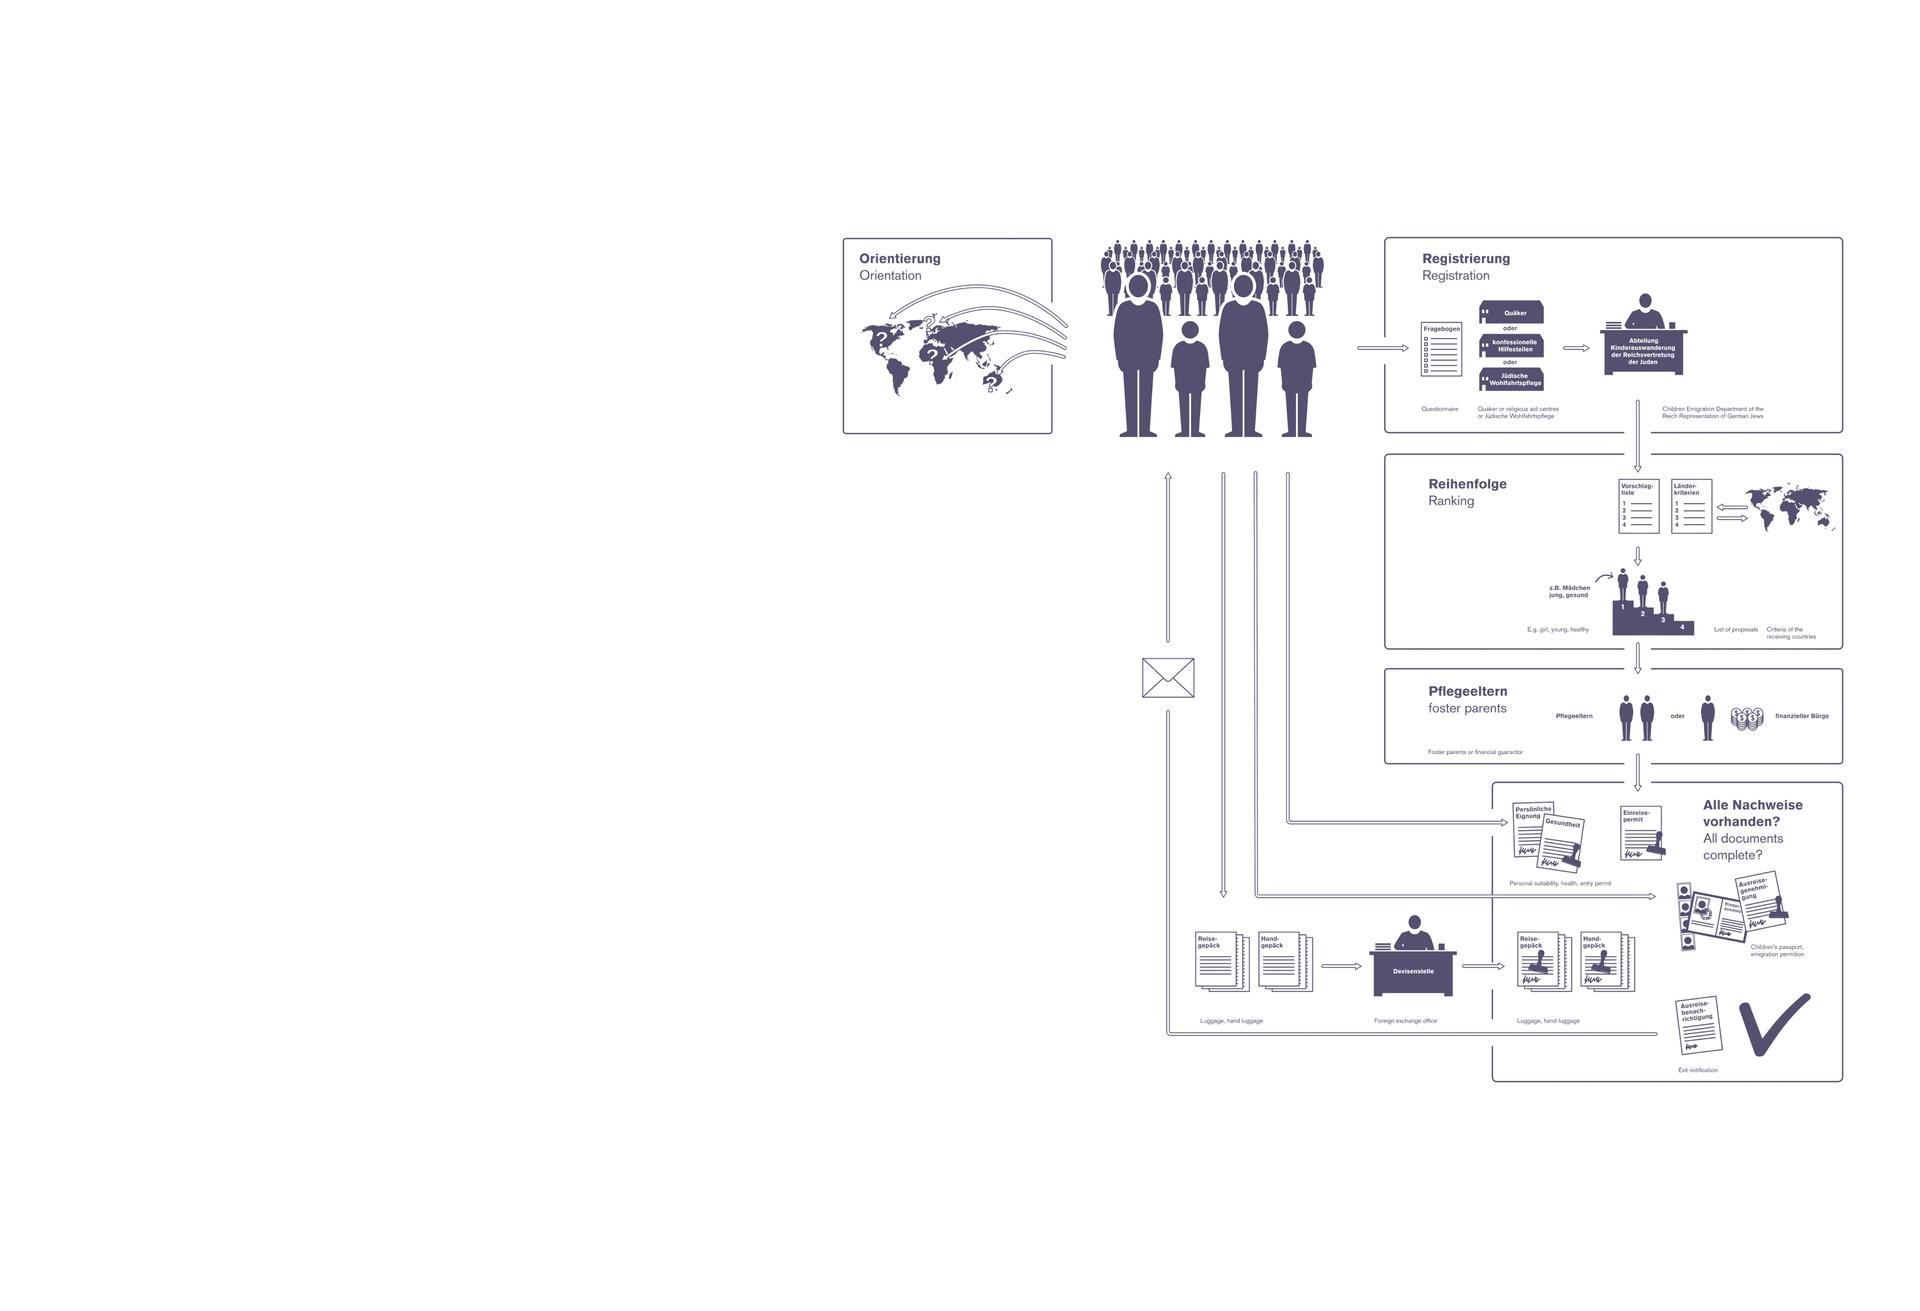 Bürokratie_test.jpg